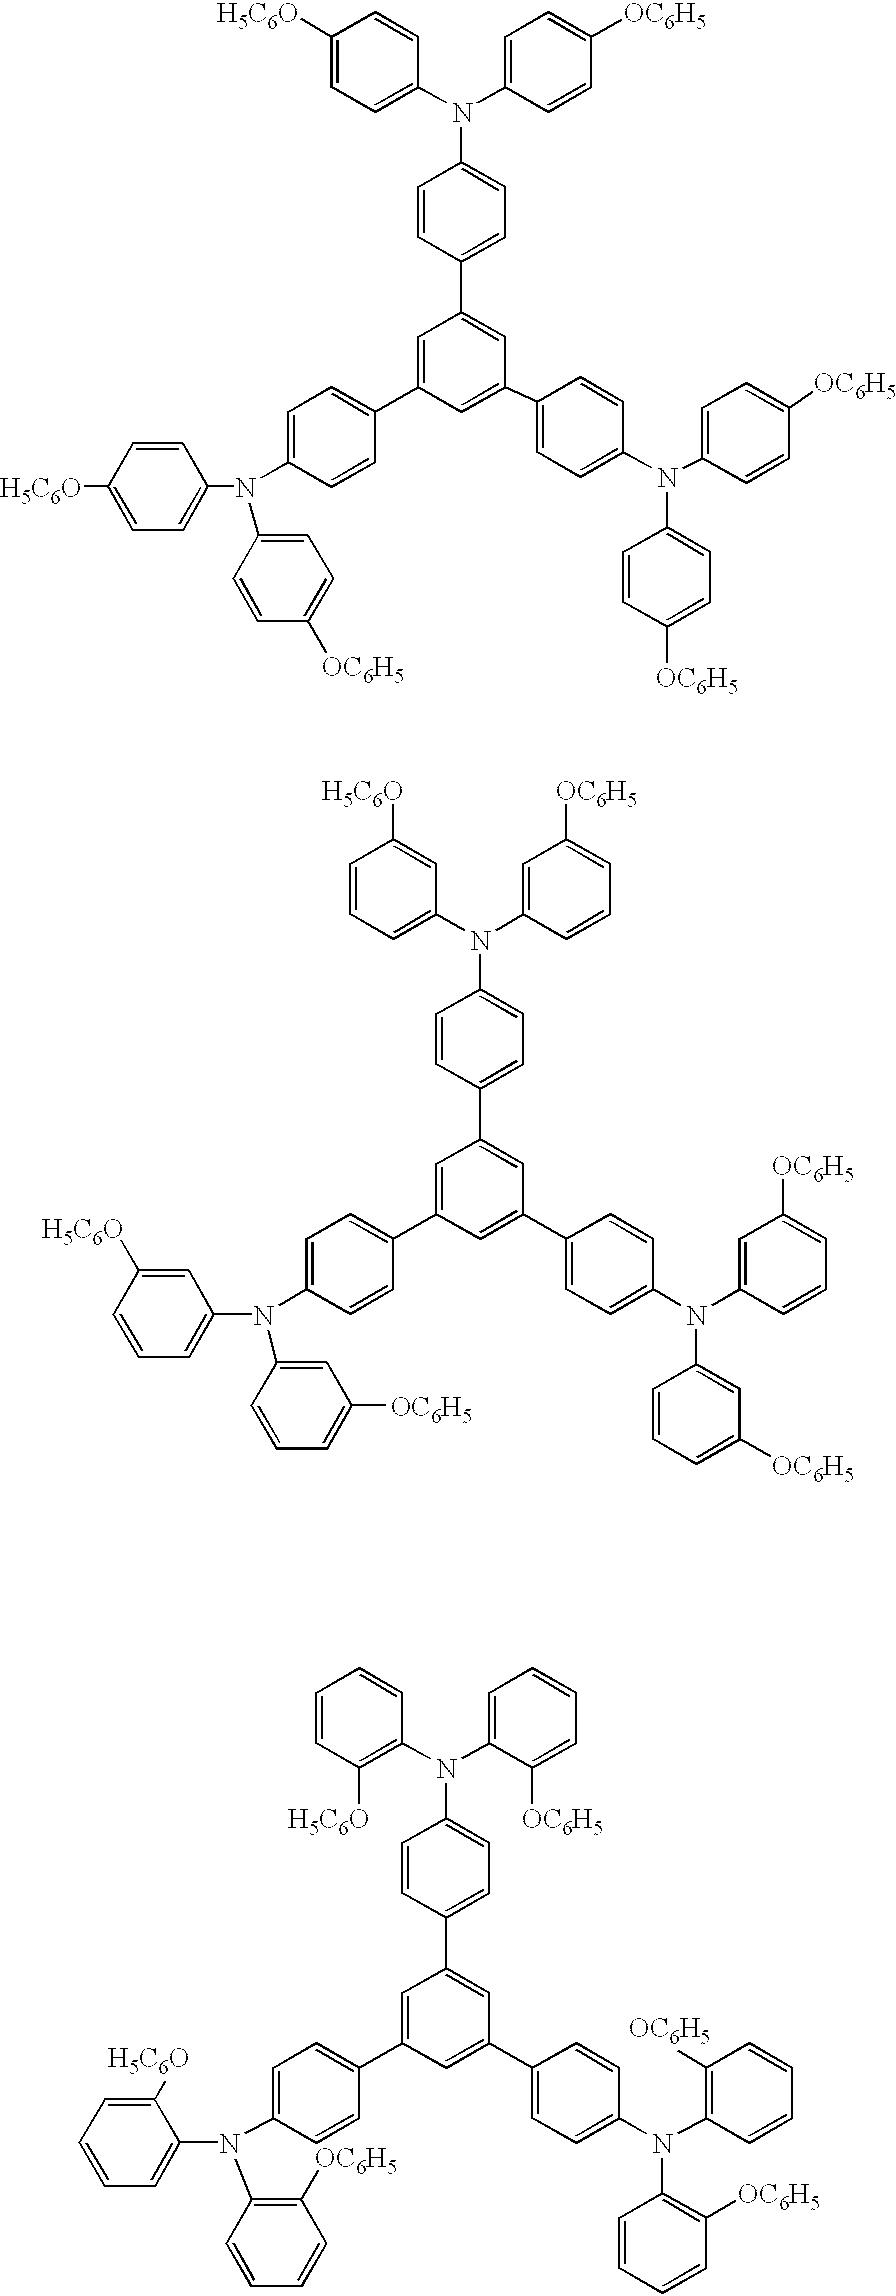 Figure US06541128-20030401-C00011